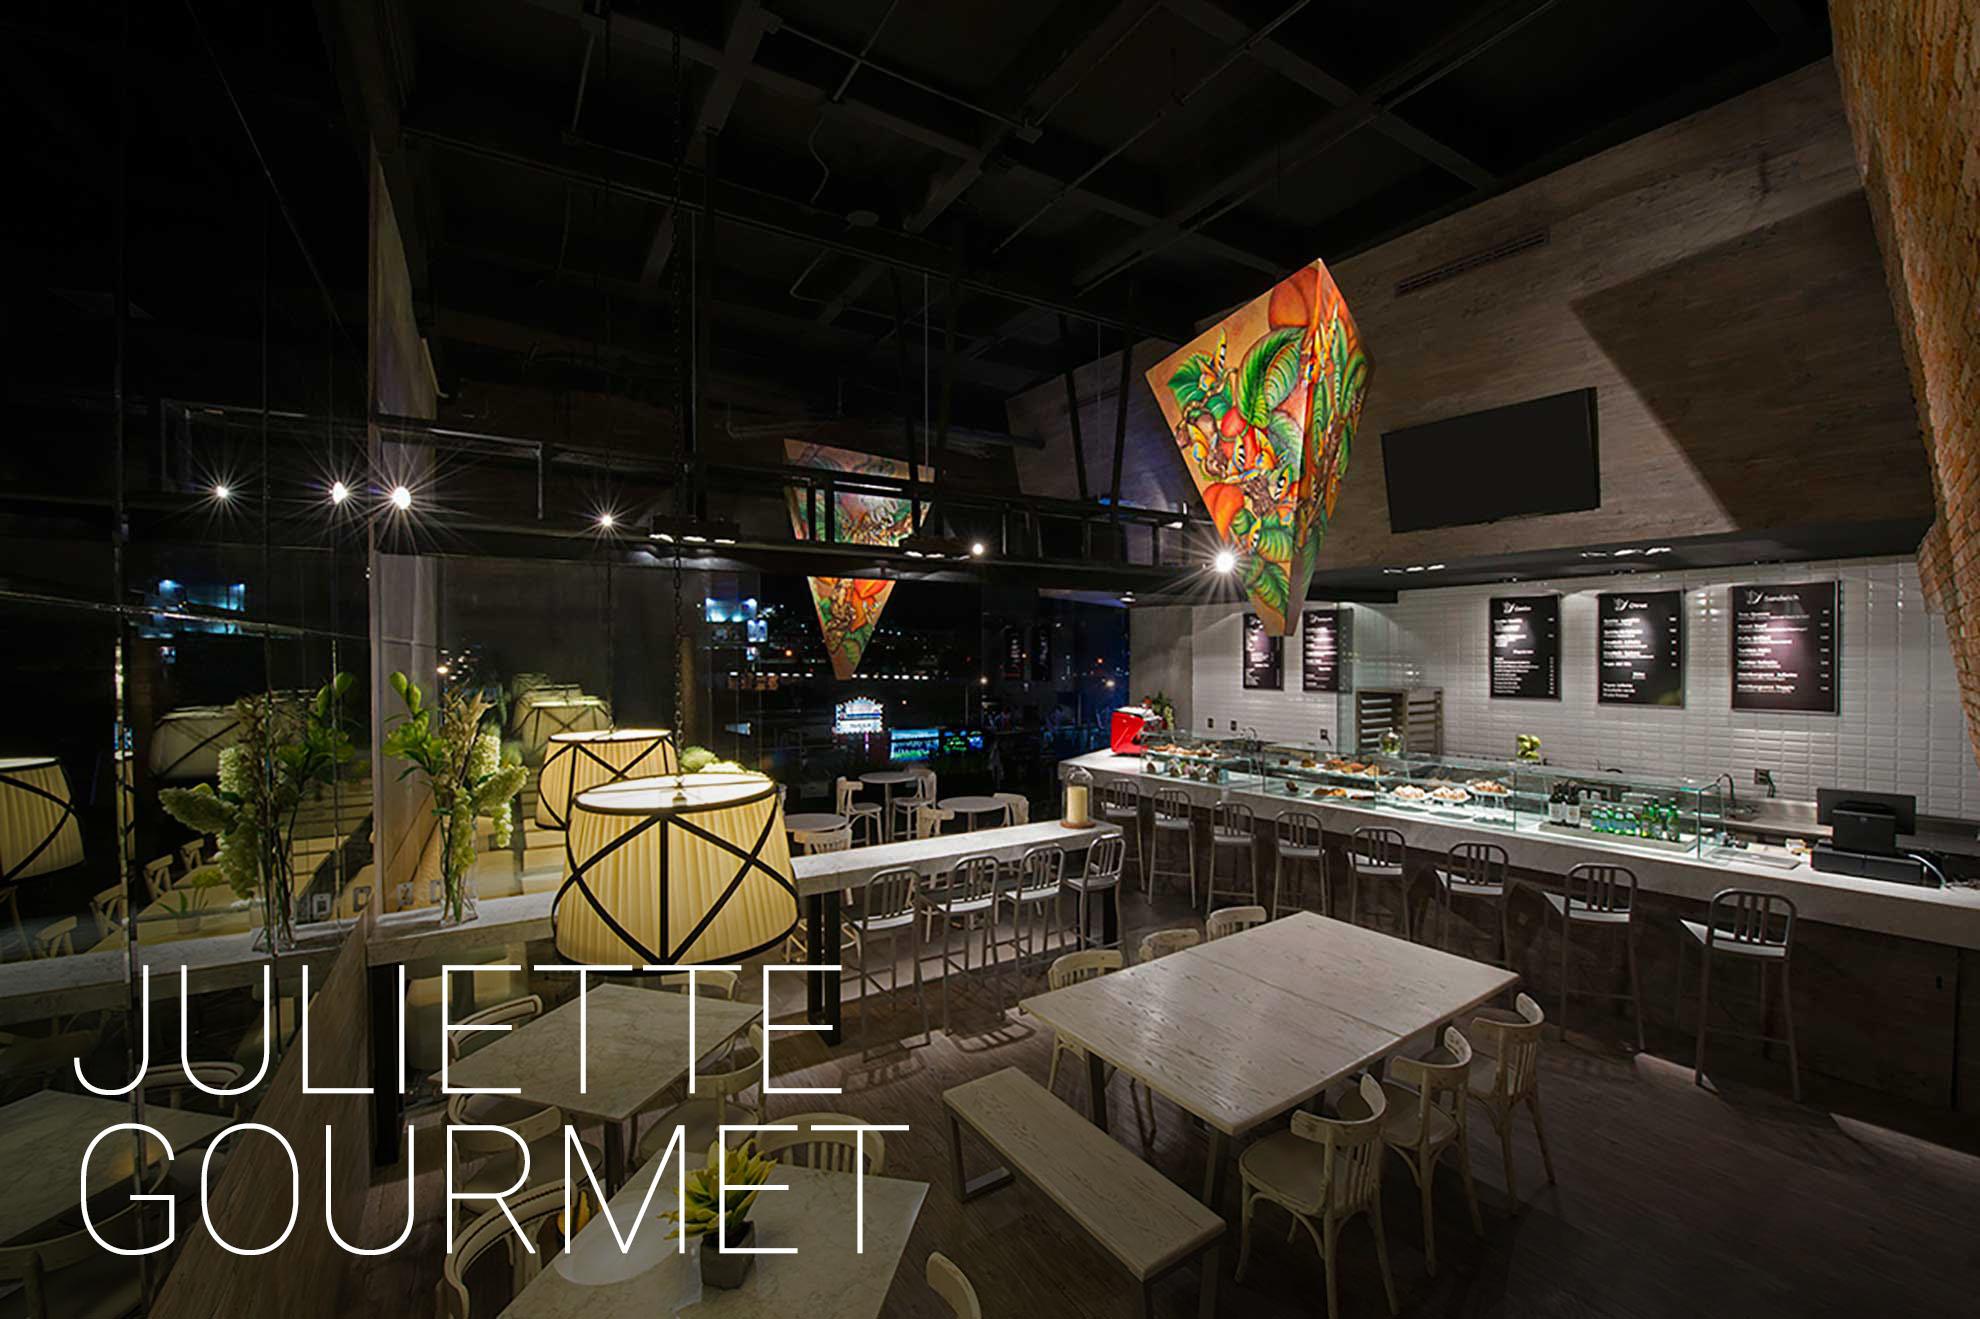 Juliette Gourmet es un restaurante de comida internacional ubicado en Sant Fe, con muebles de diseño creados por el despacho de arquitectura de interiores de Depa 102